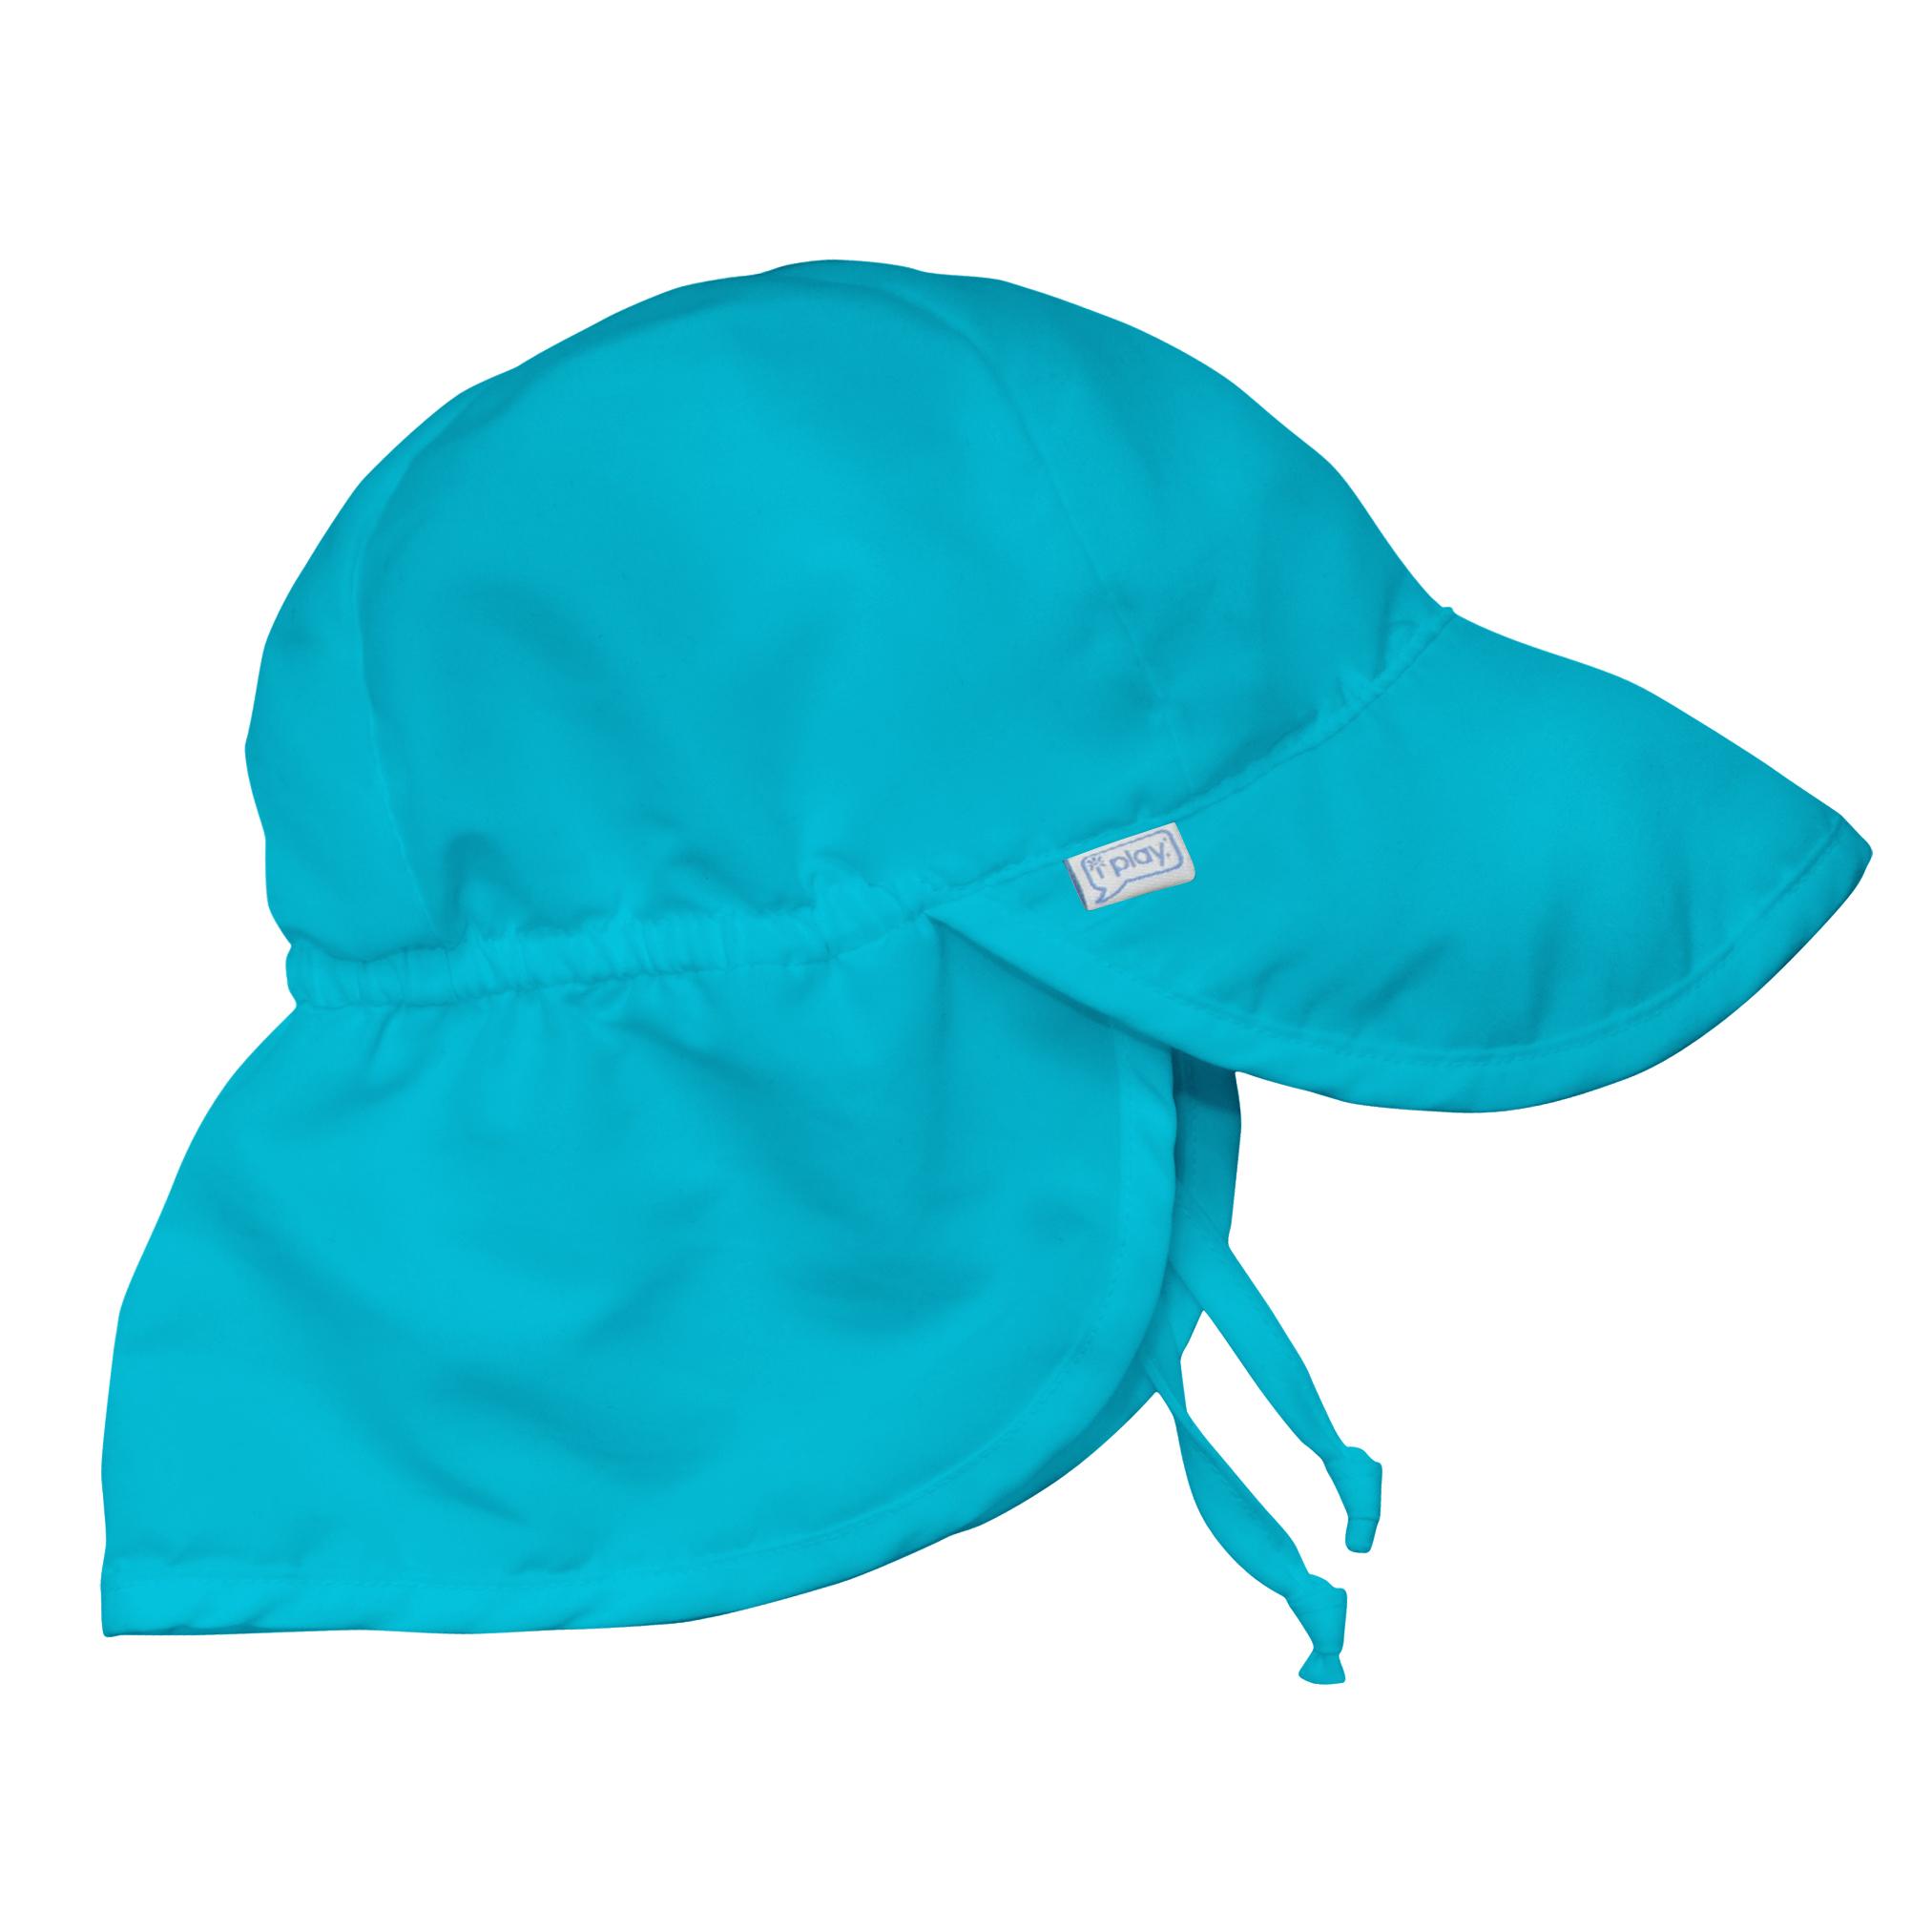 3656_737101-hat-flap-solid-aqua